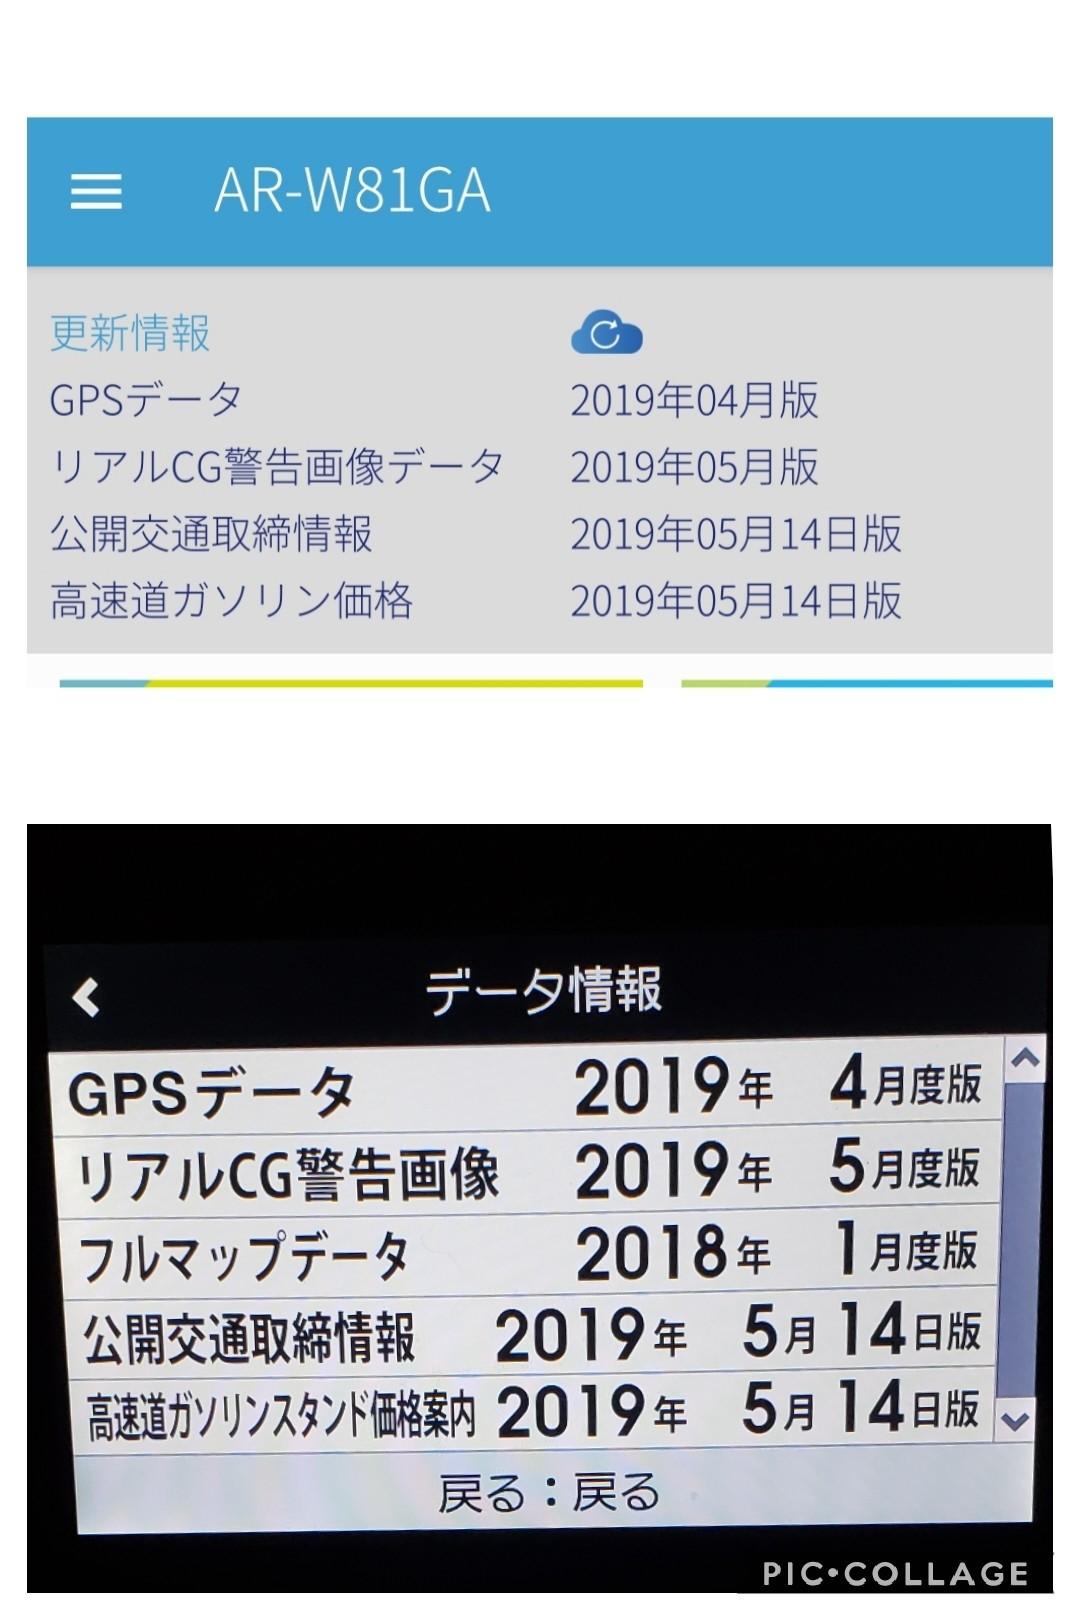 [CELLSTAR] ASSURA ARシリーズ AR-W81GA